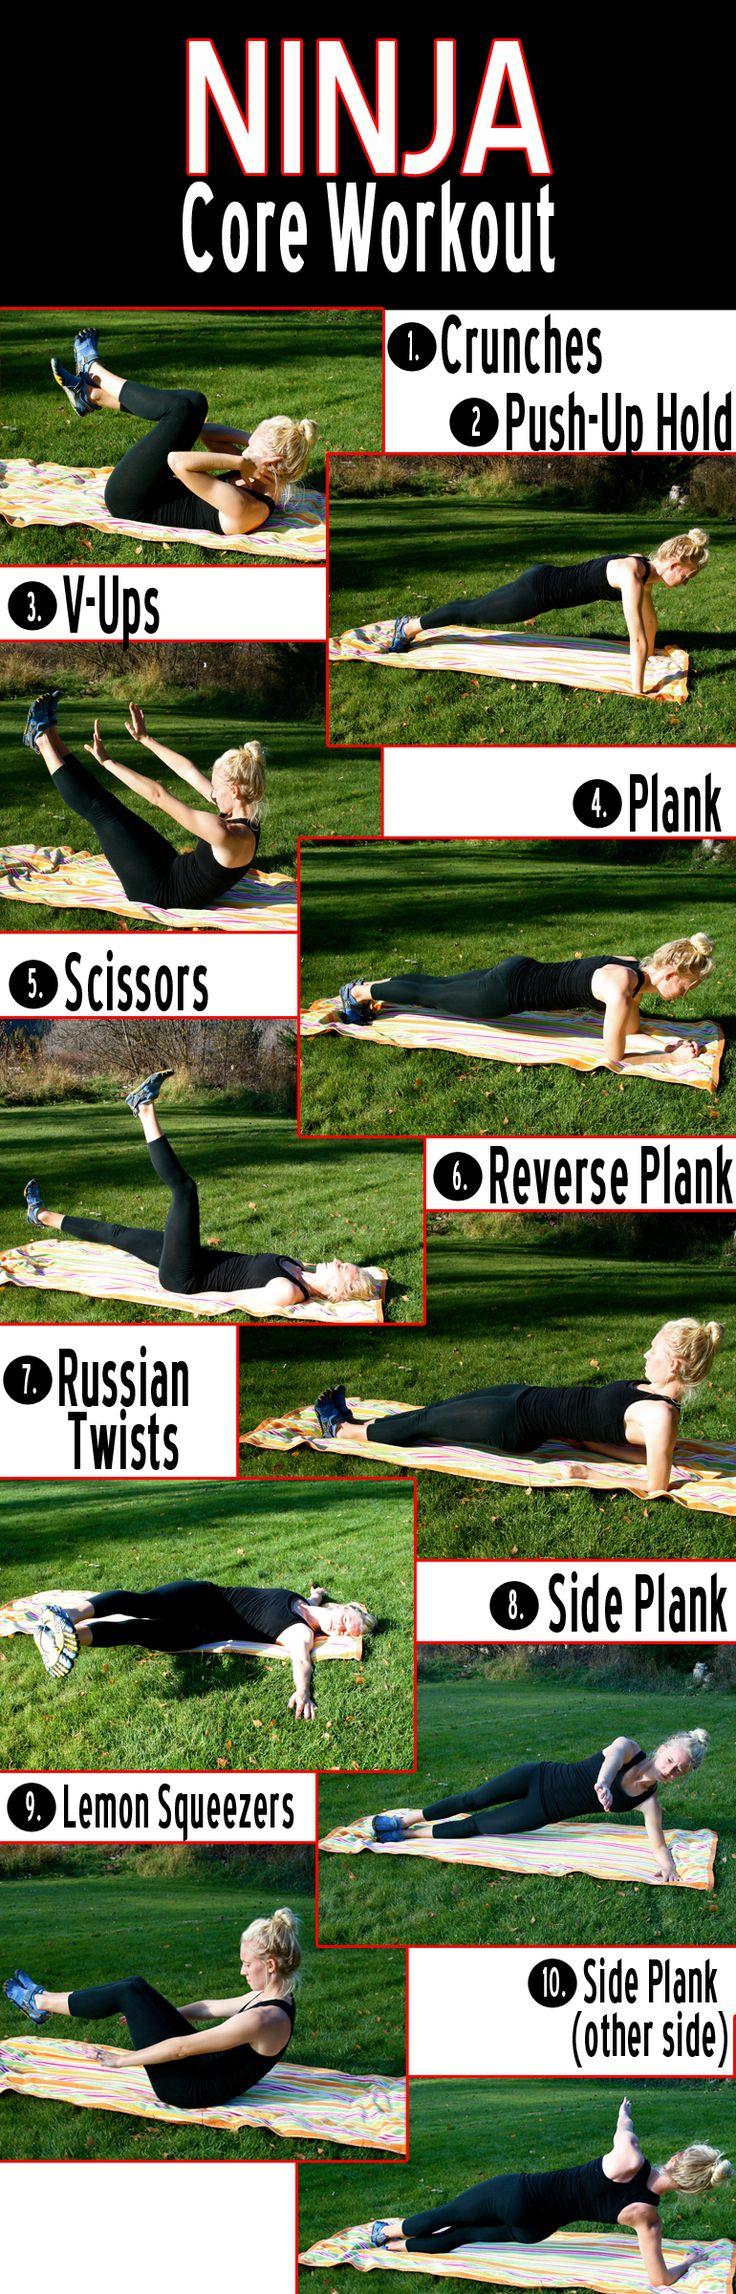 Vaulter Fit | Ninja Core Workout